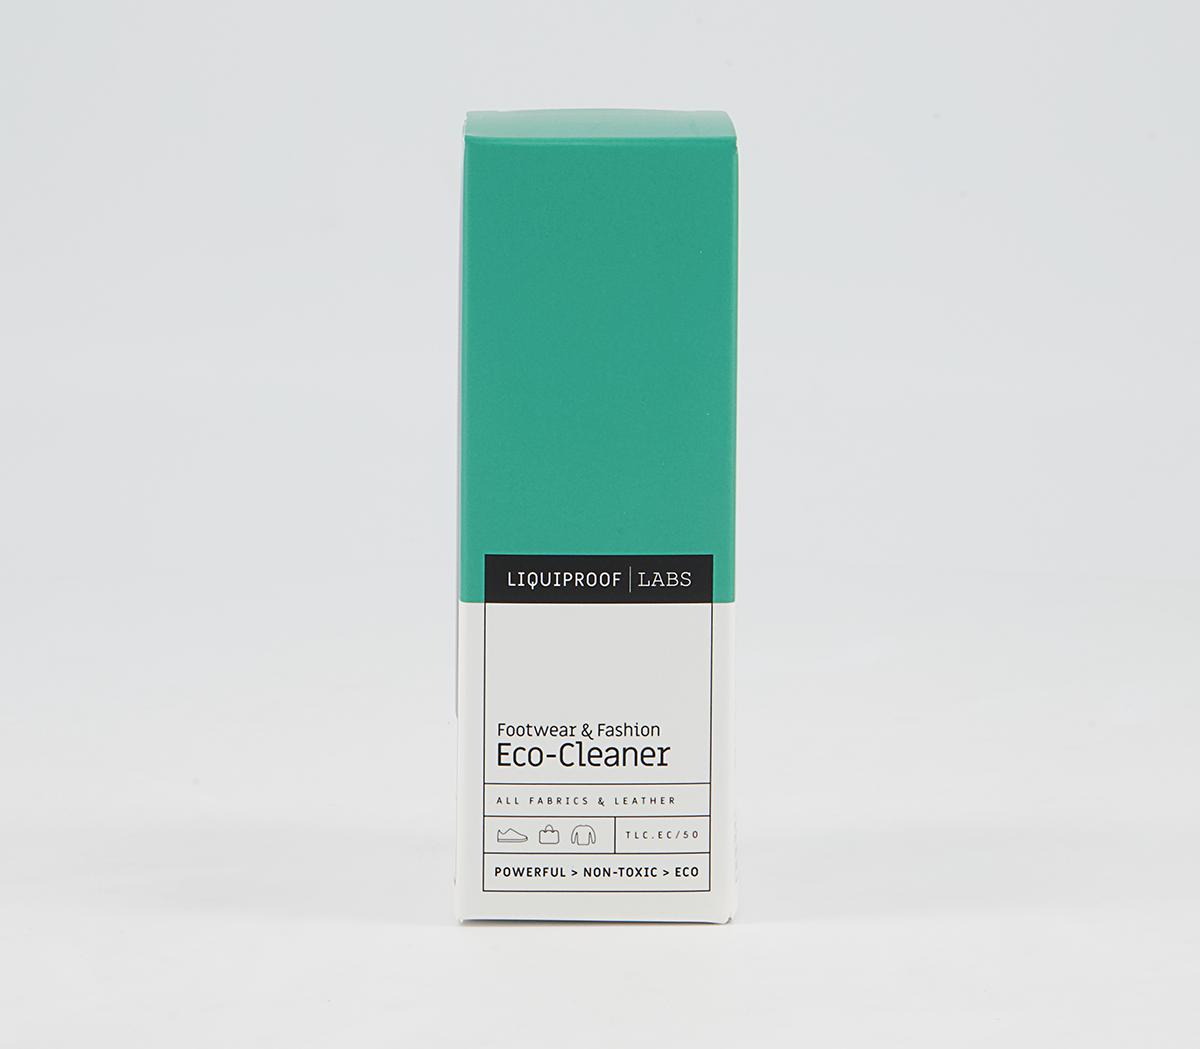 Liquiproof Premium Eco-Cleaner 50ml